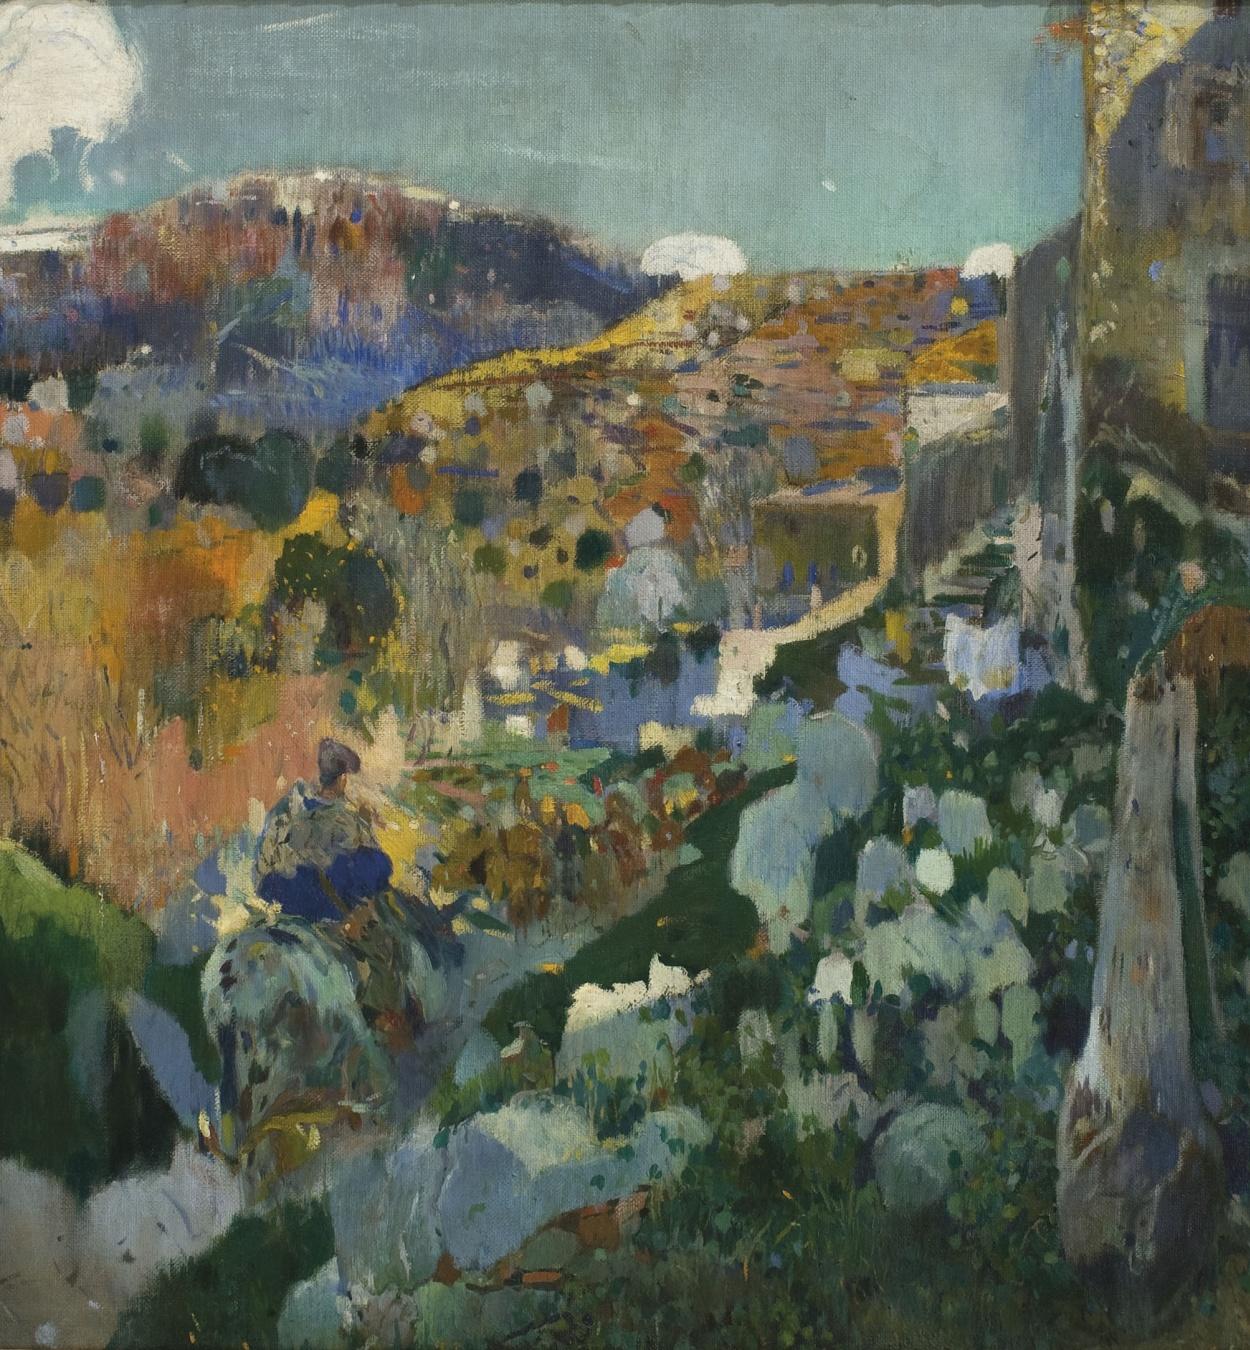 Joaquim Mir - La joya - L'Aleixar, hacia 1910